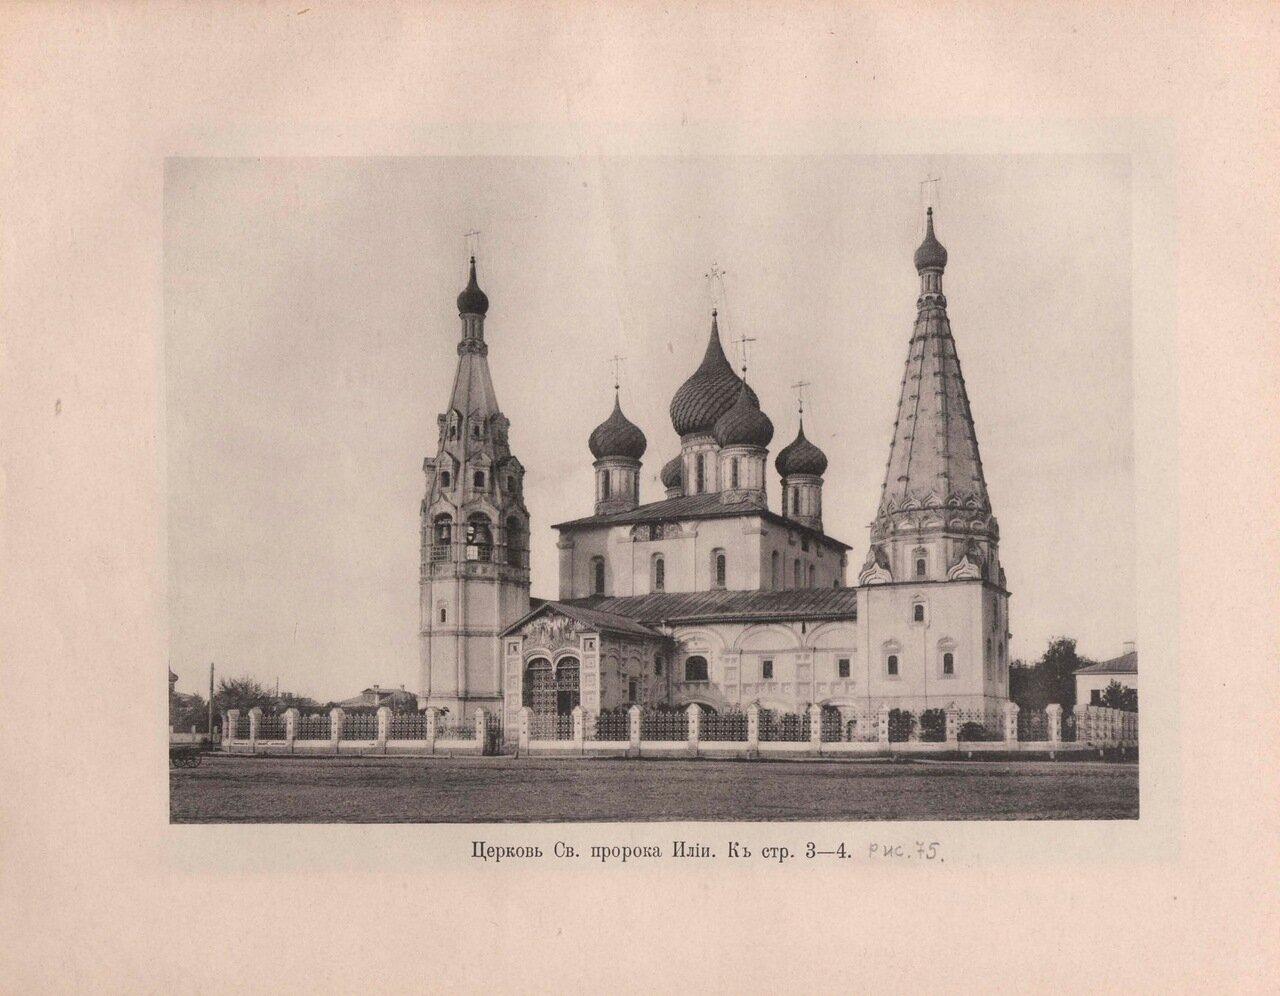 Церковь во имя святого и славного пророка божия Илии в г. Ярославле